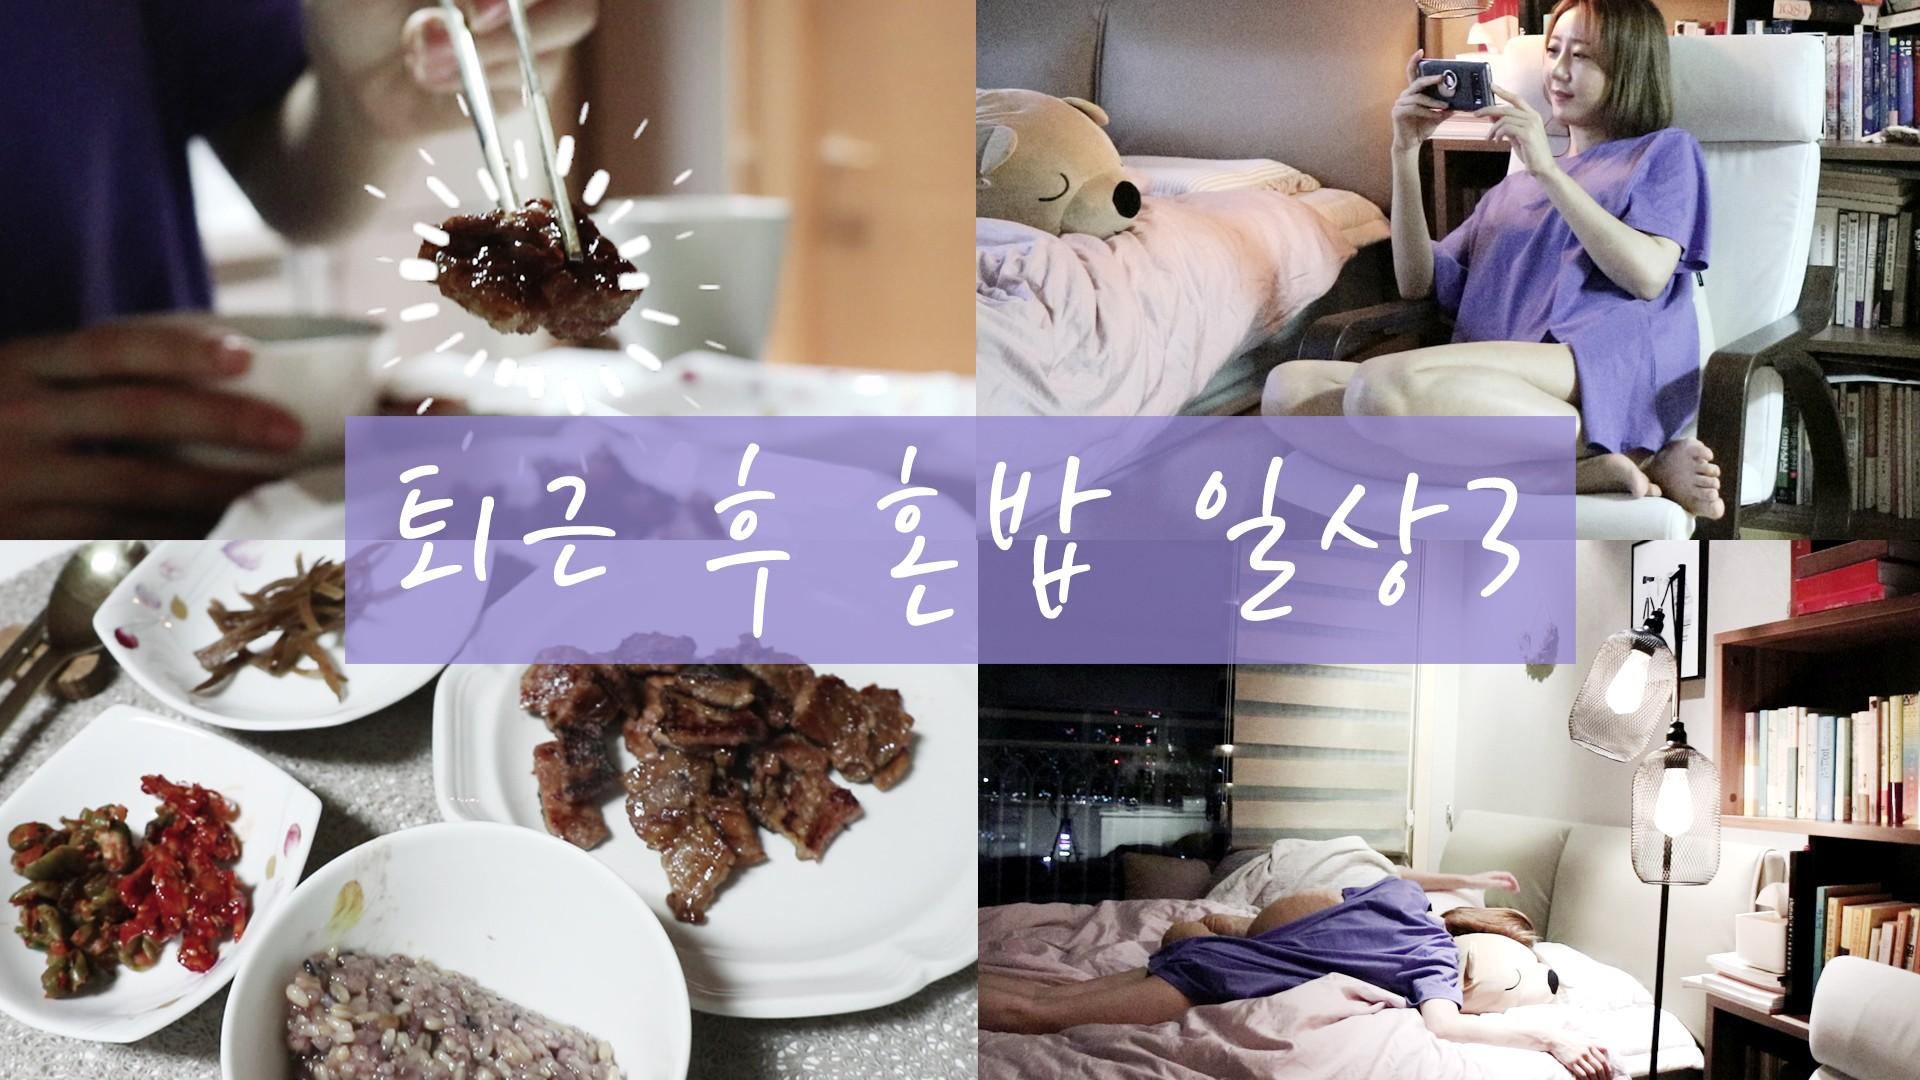 퇴근 후 혼밥 일상3/여우비